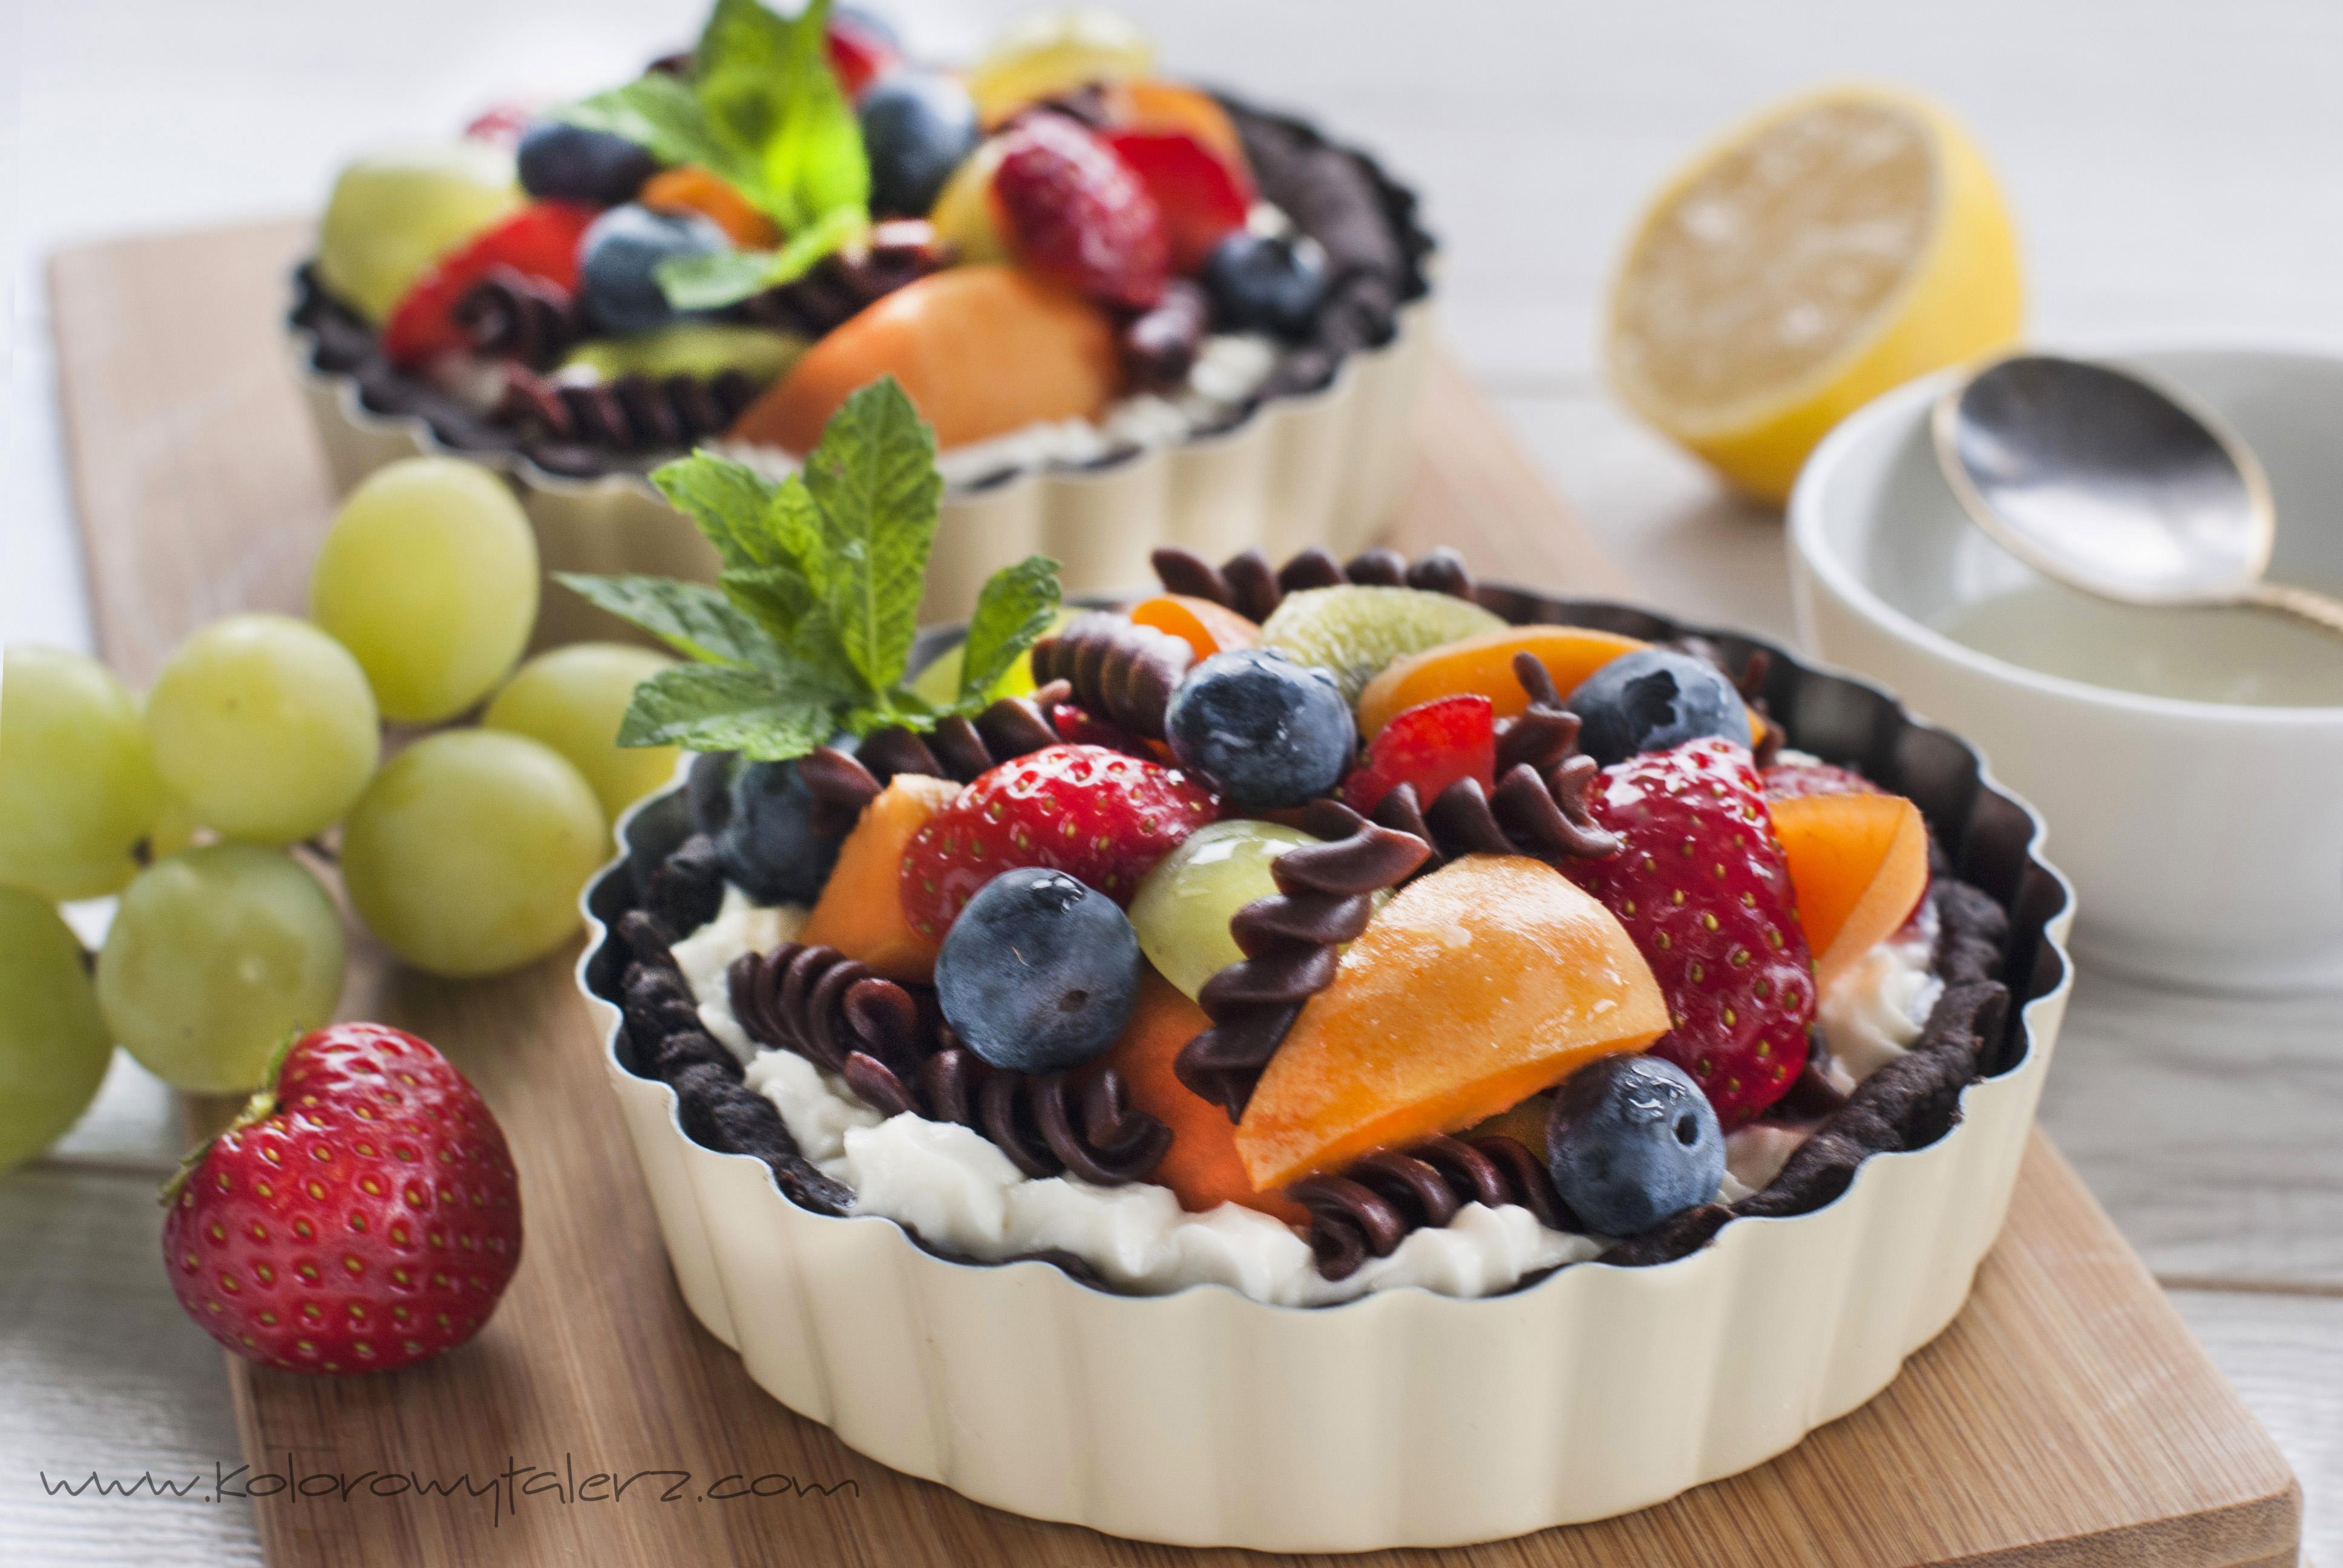 sałatka owocowa zmakaronem czekoladowym natartaletkach